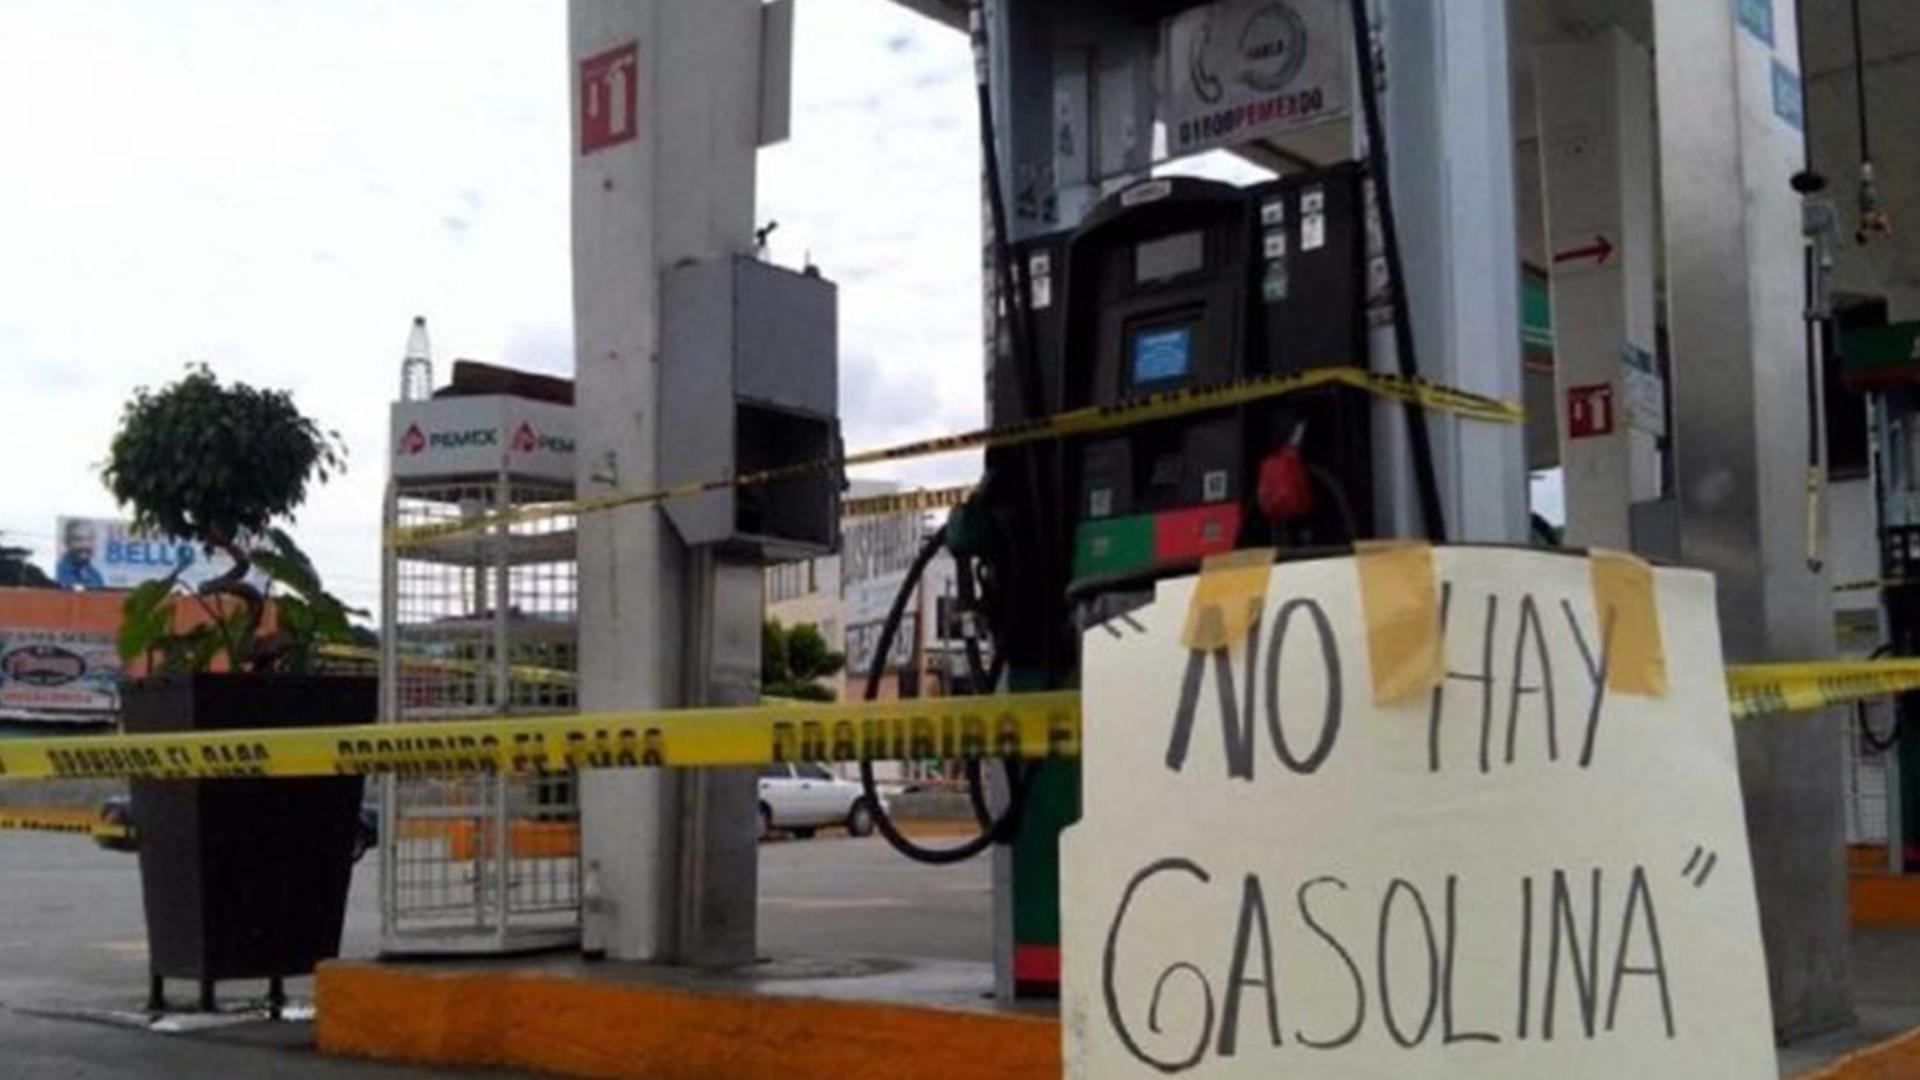 Escasez de gasolina lideró conflictos laborales en abril